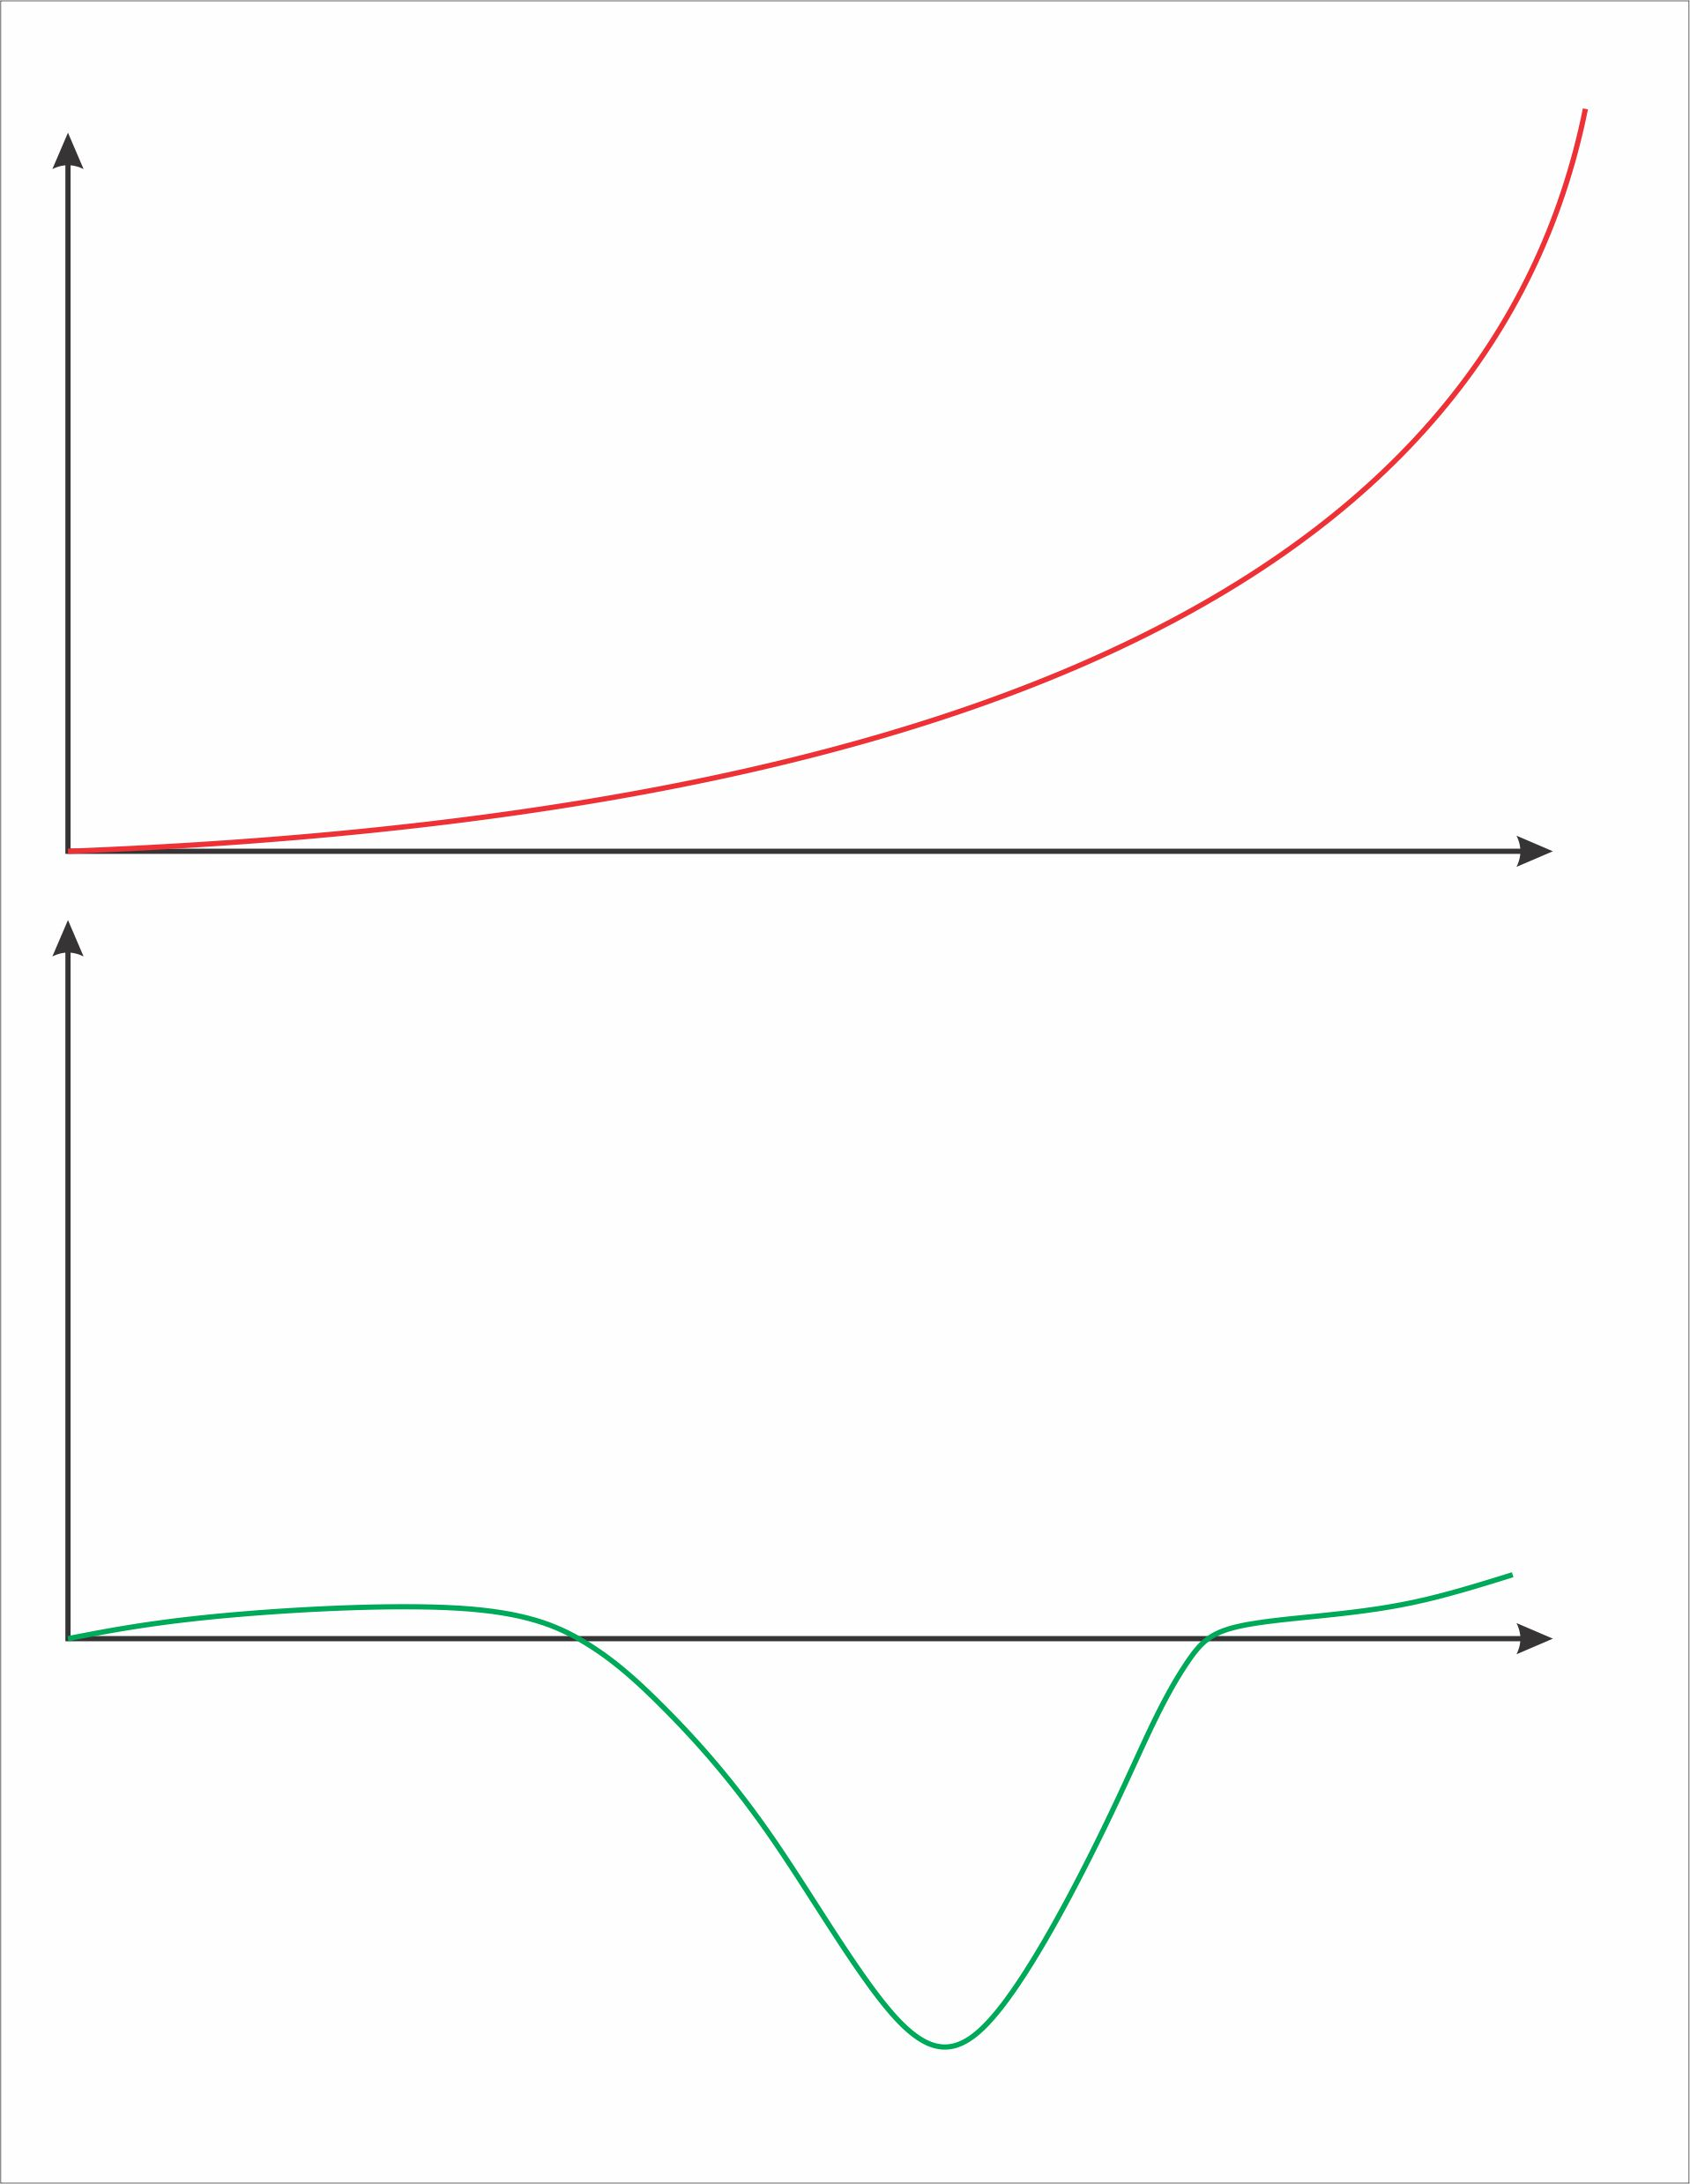 Развитие общества в графиках